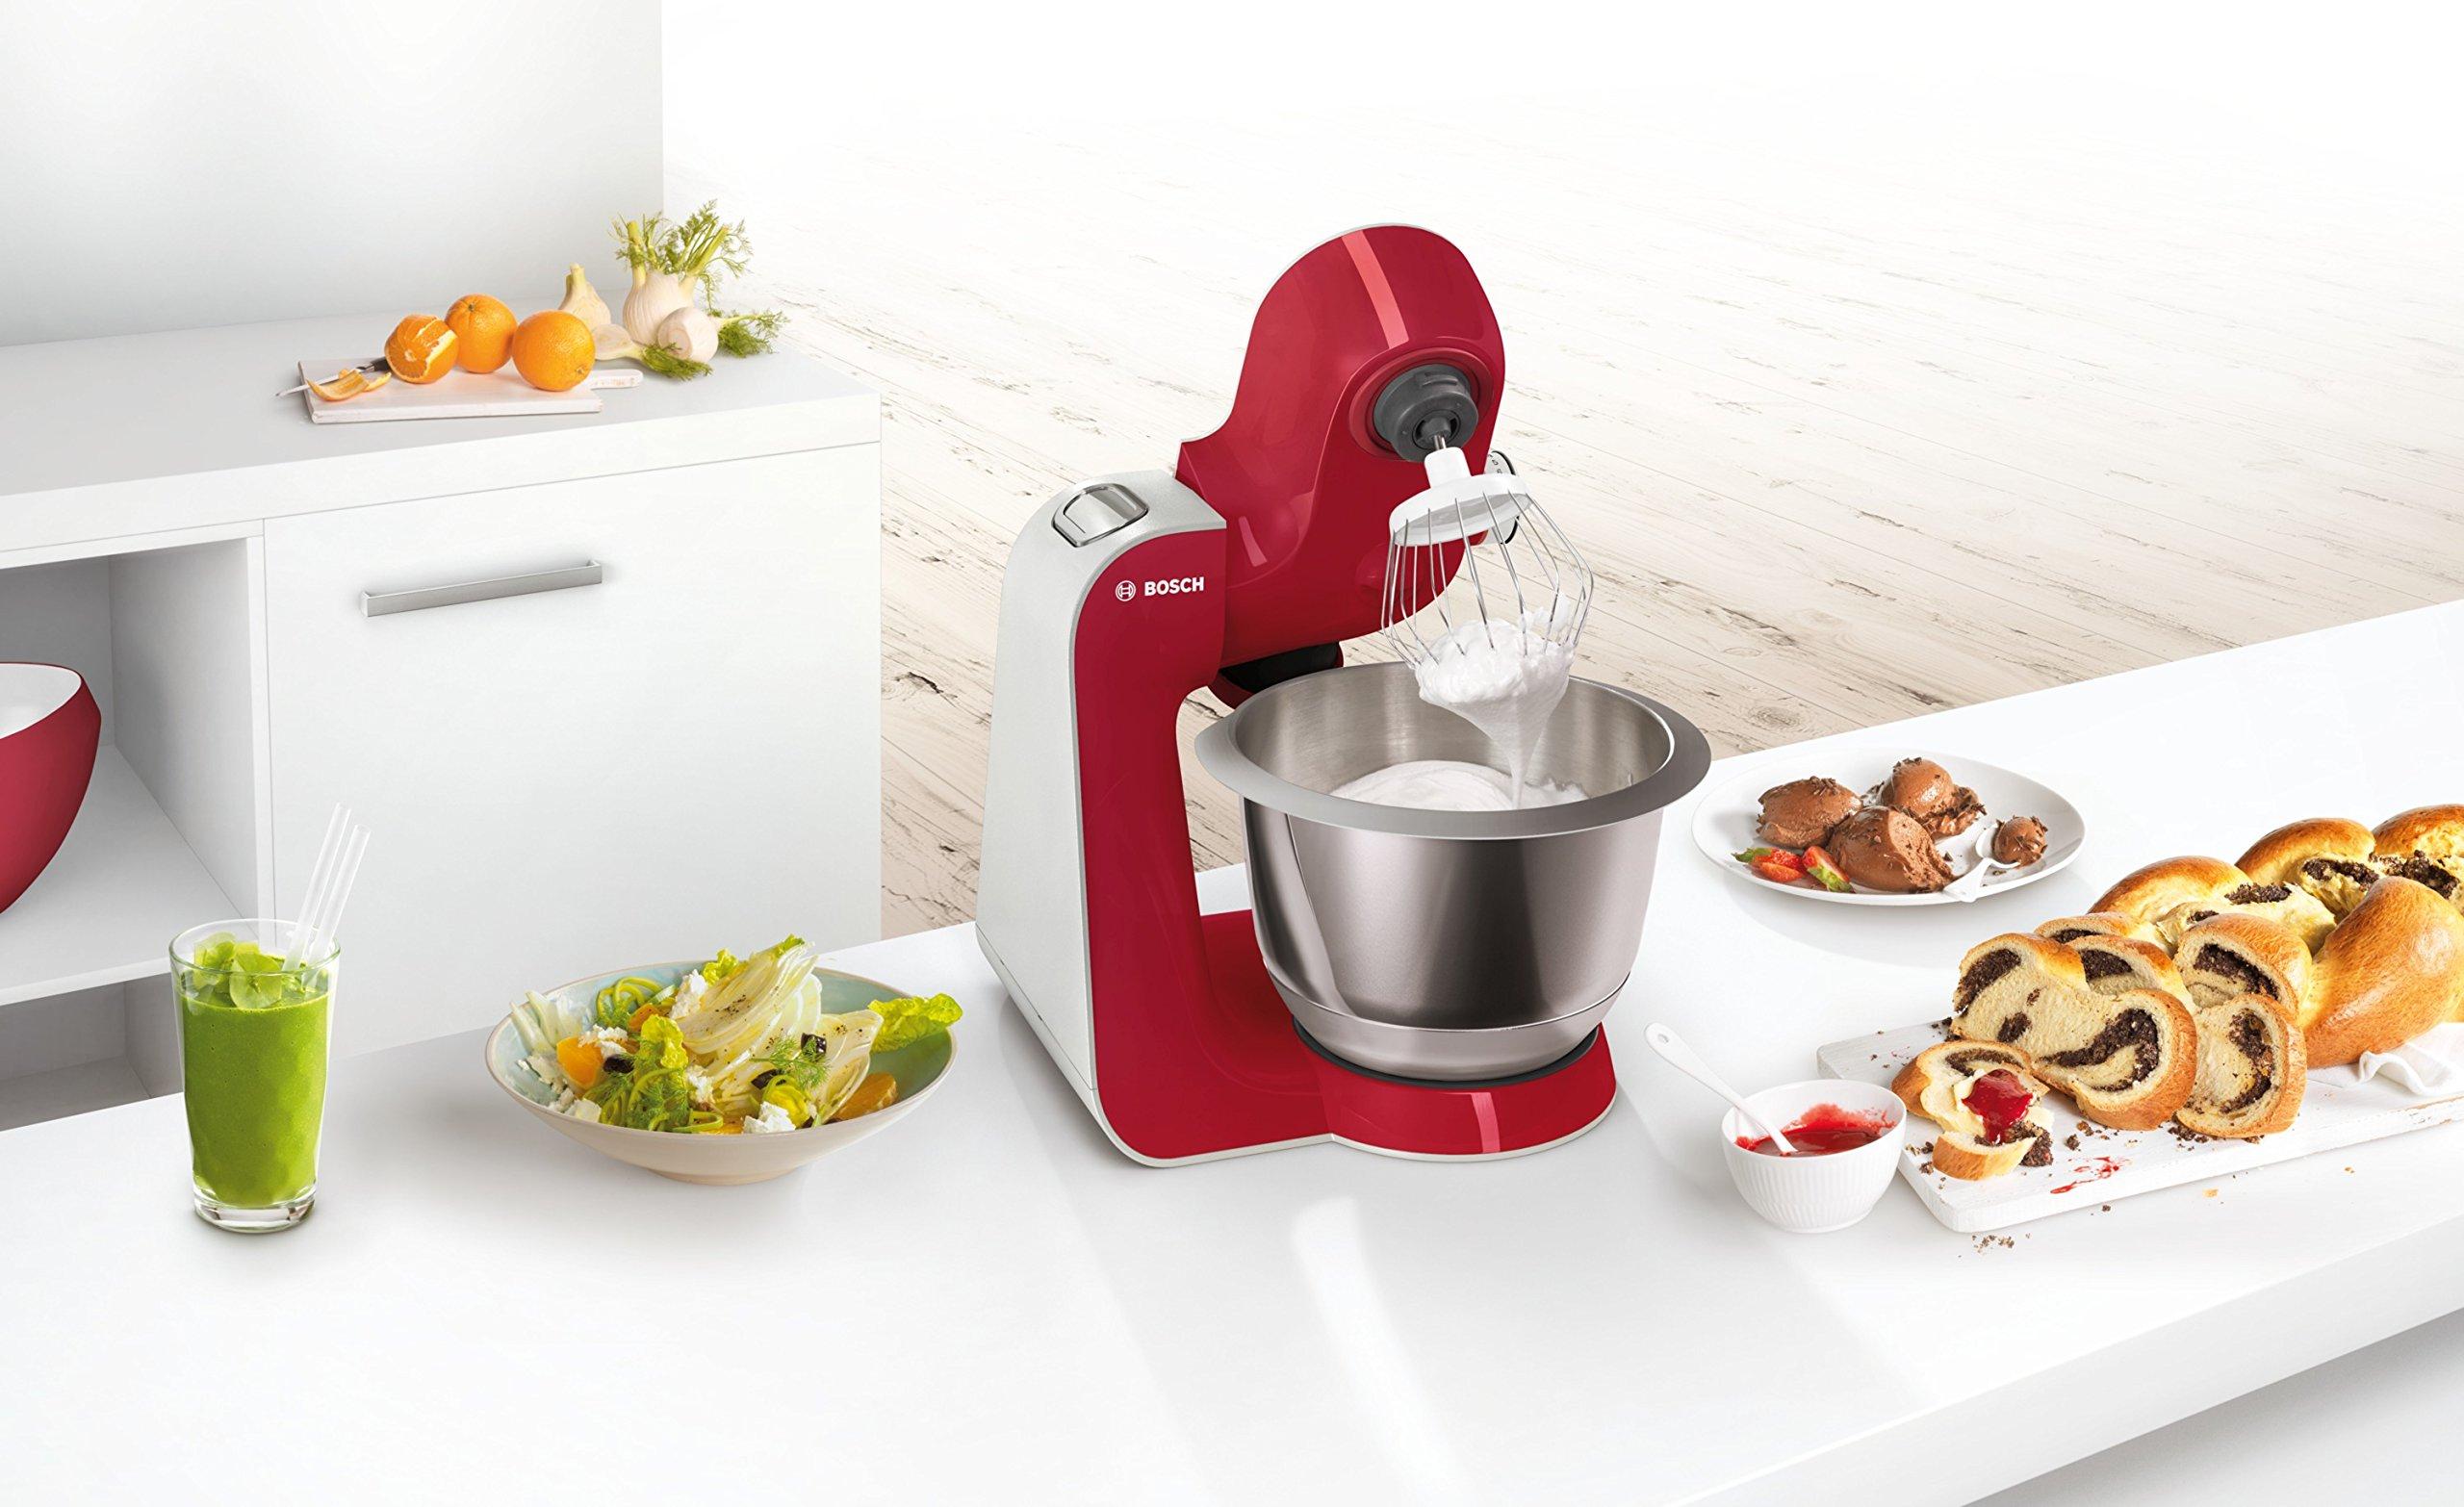 Bosch-MUM5-MUM58720-CreationLine-Kchenmaschine-1000-W-3-Rhrwerkzeuge-Edelstahl-splmaschinenfest-Rhrschssel-39-Liter-max-Teigmenge-27kg-Durchlaufschnitzler-3-Scheiben-Mixaufsatz-rot